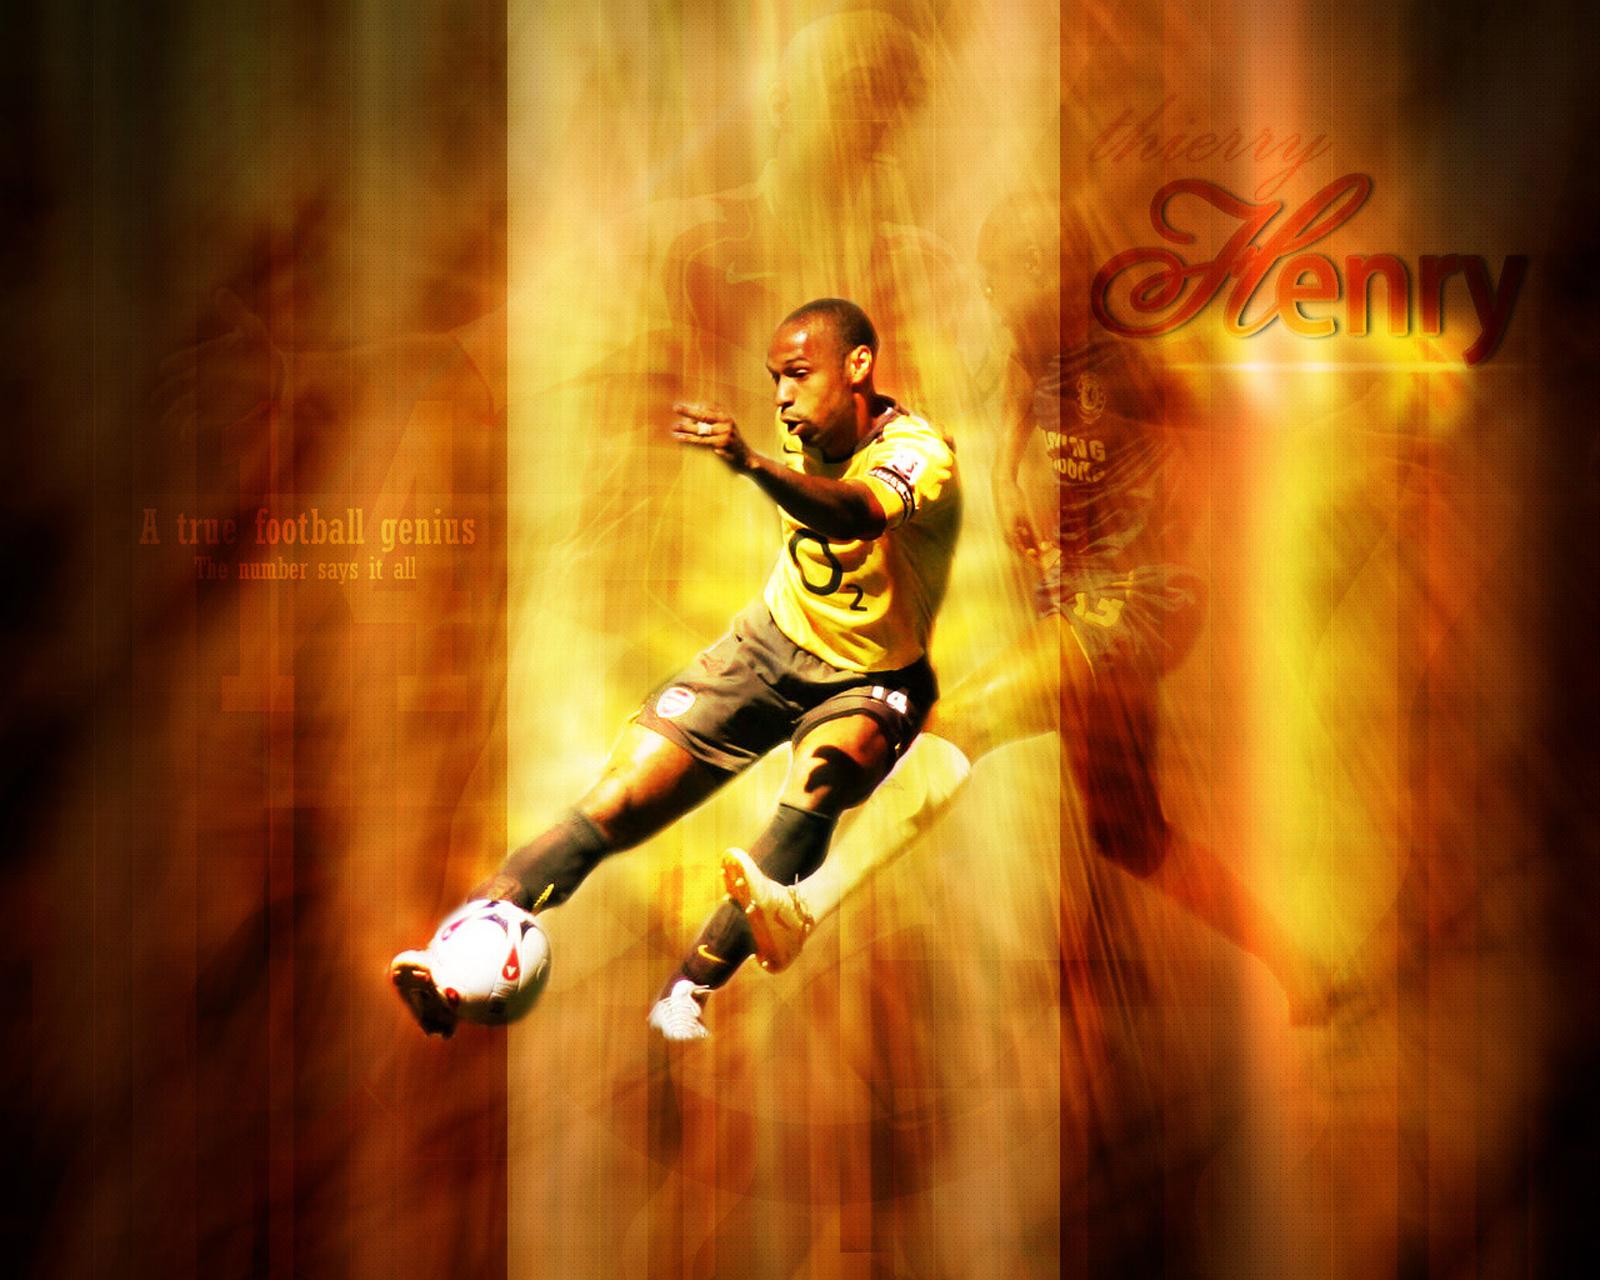 Fondo De Pantalla Linda Futbol: Imagenes Y Wallpapers: Junio 2013